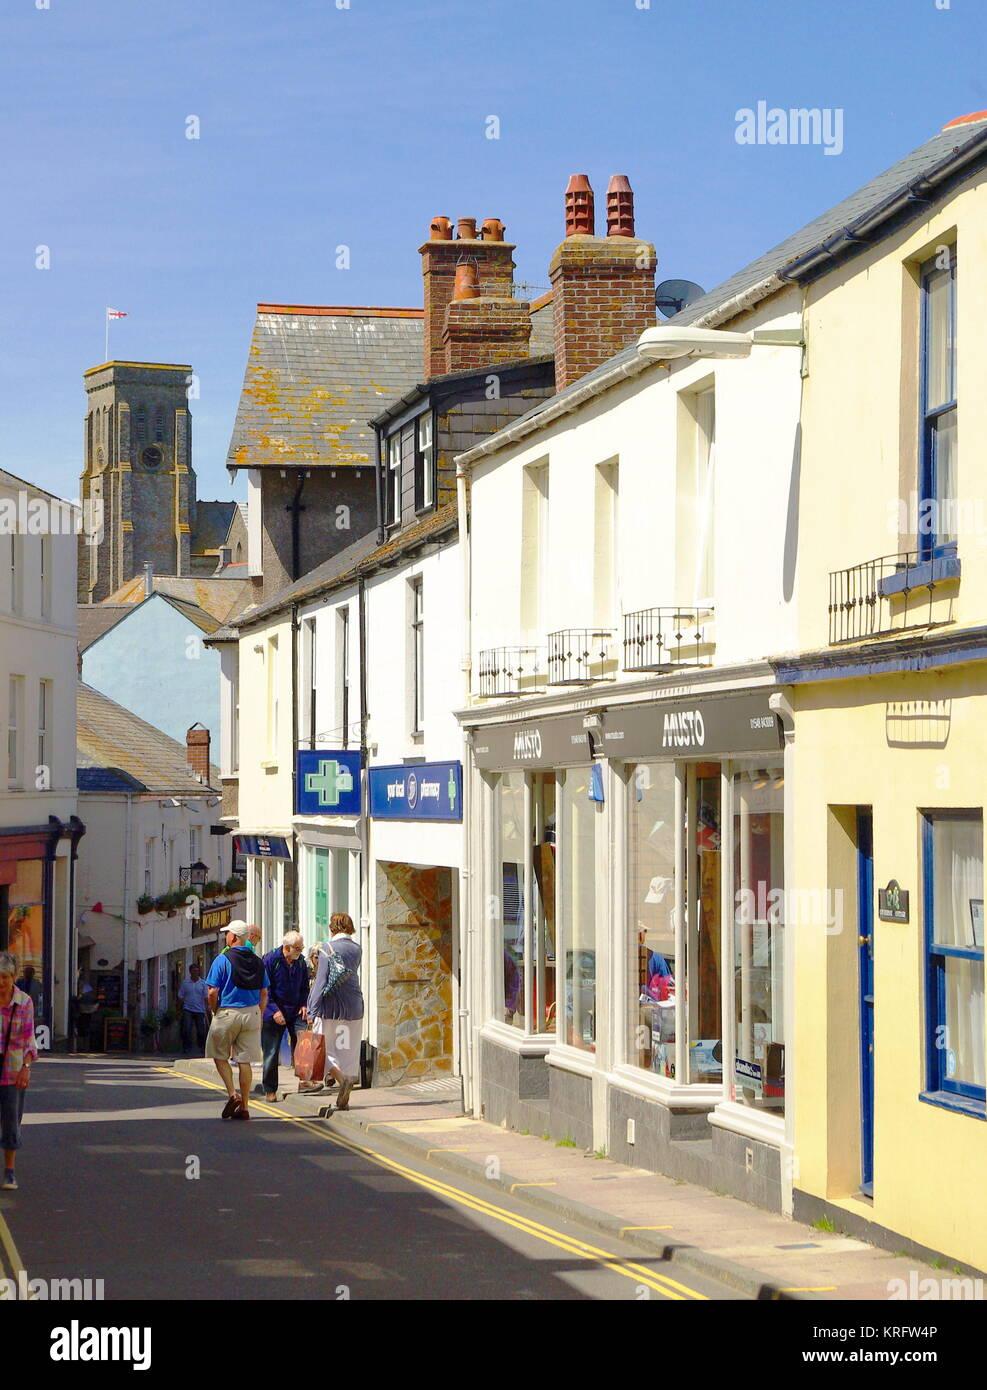 Una stretta strada dello shopping a Salcombe, Devon. Data: 2014 Immagini Stock